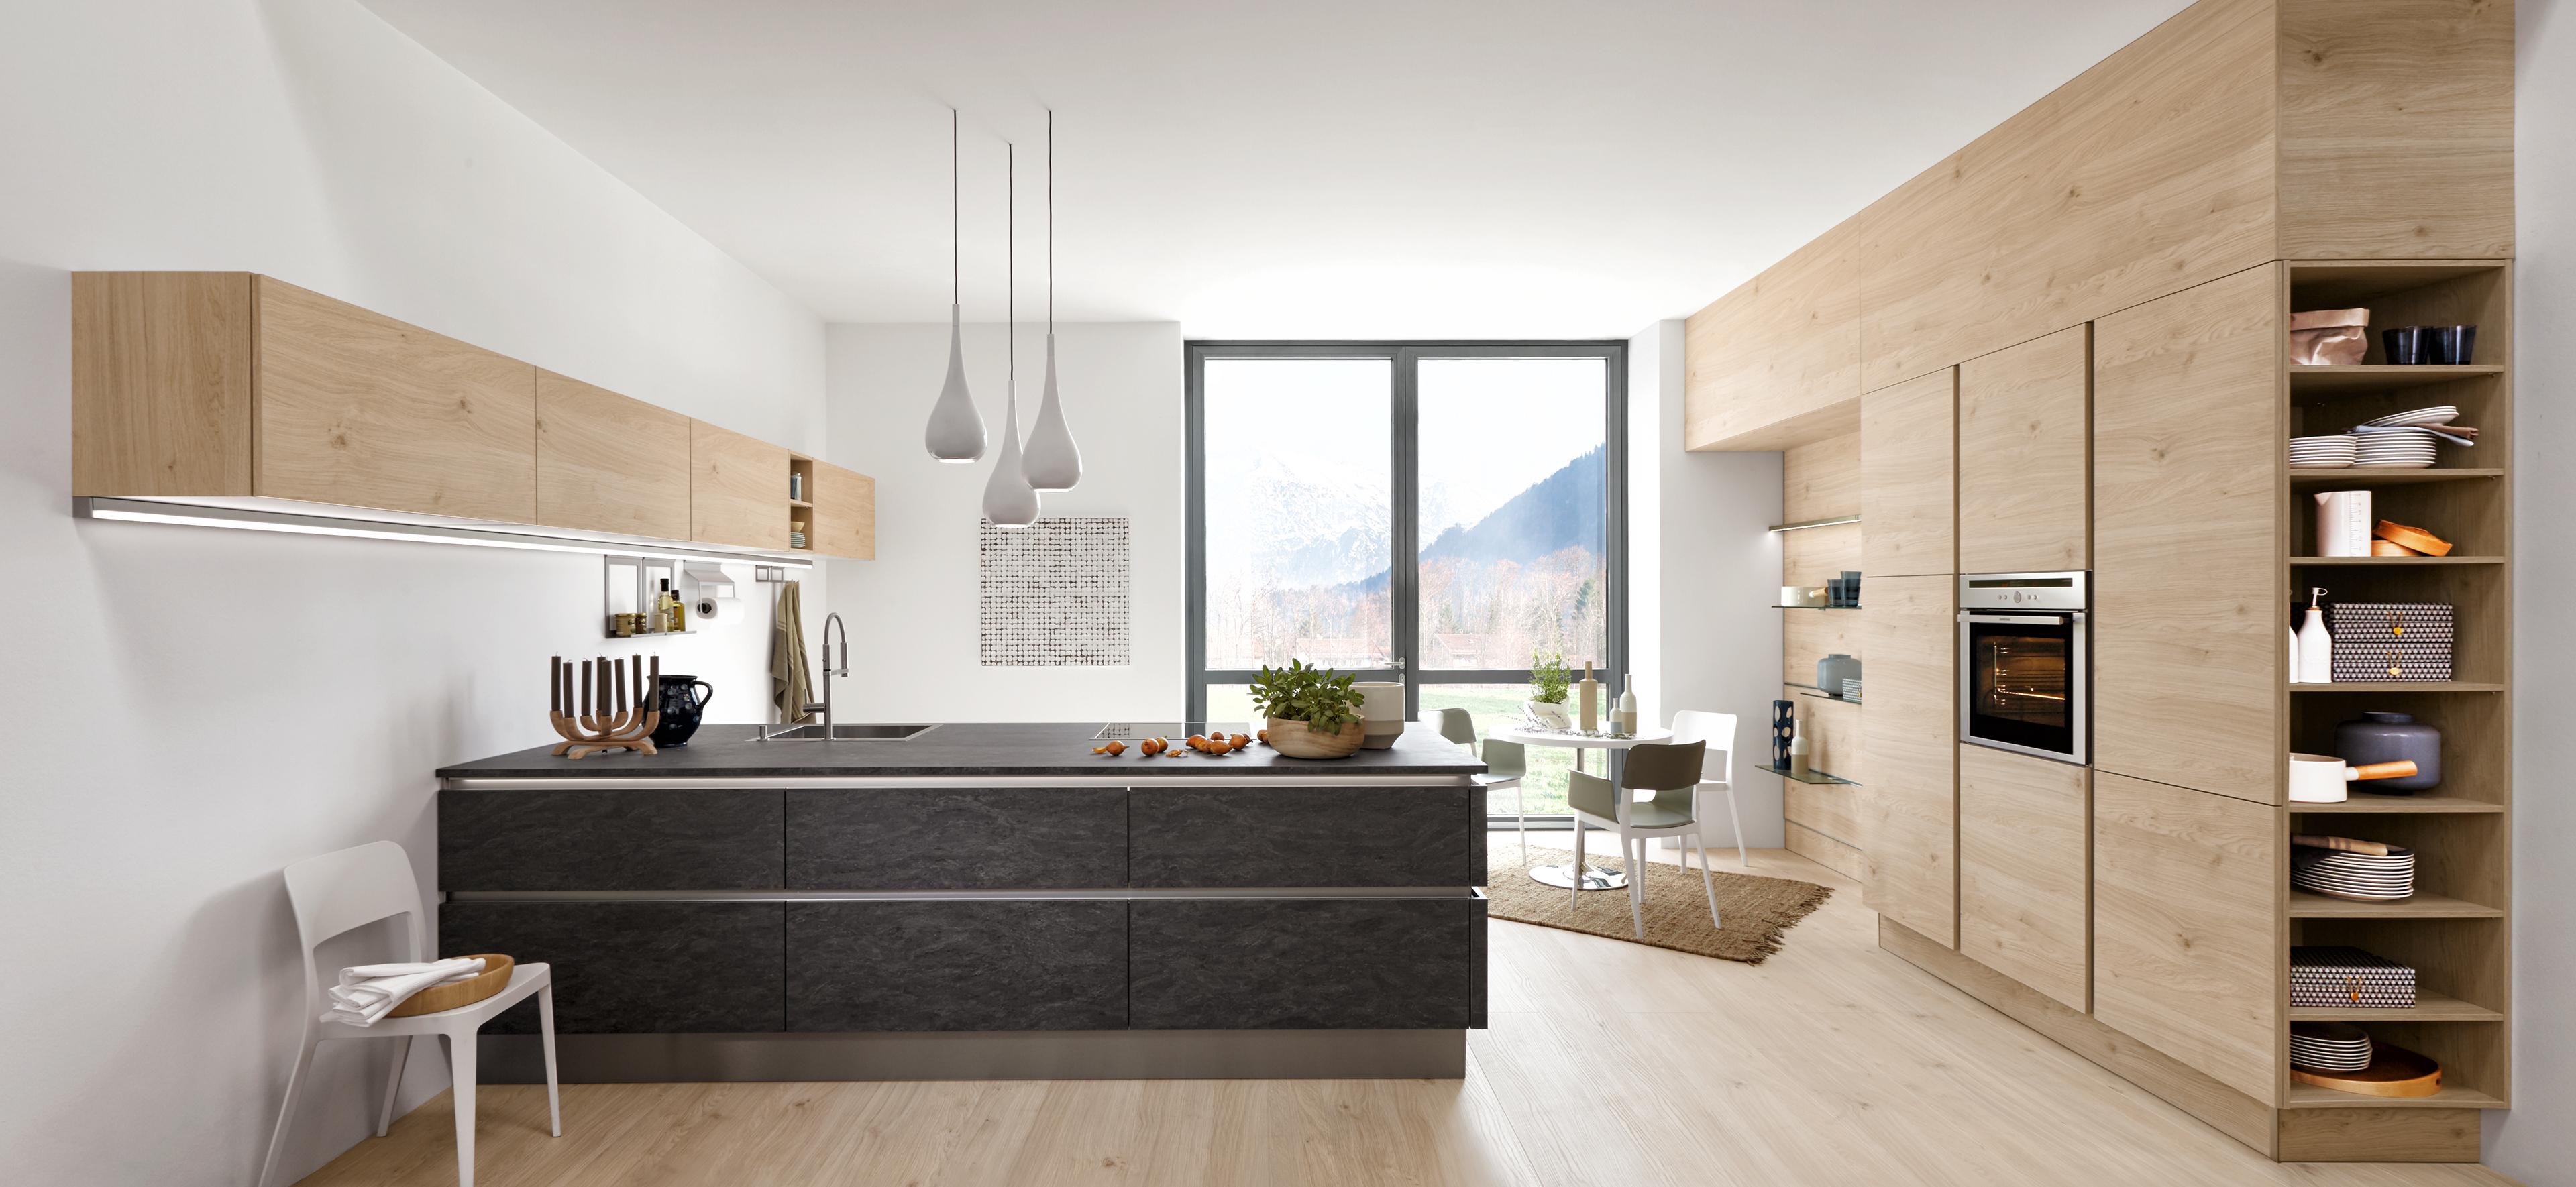 Moderne Inselküche mit Steinoptik